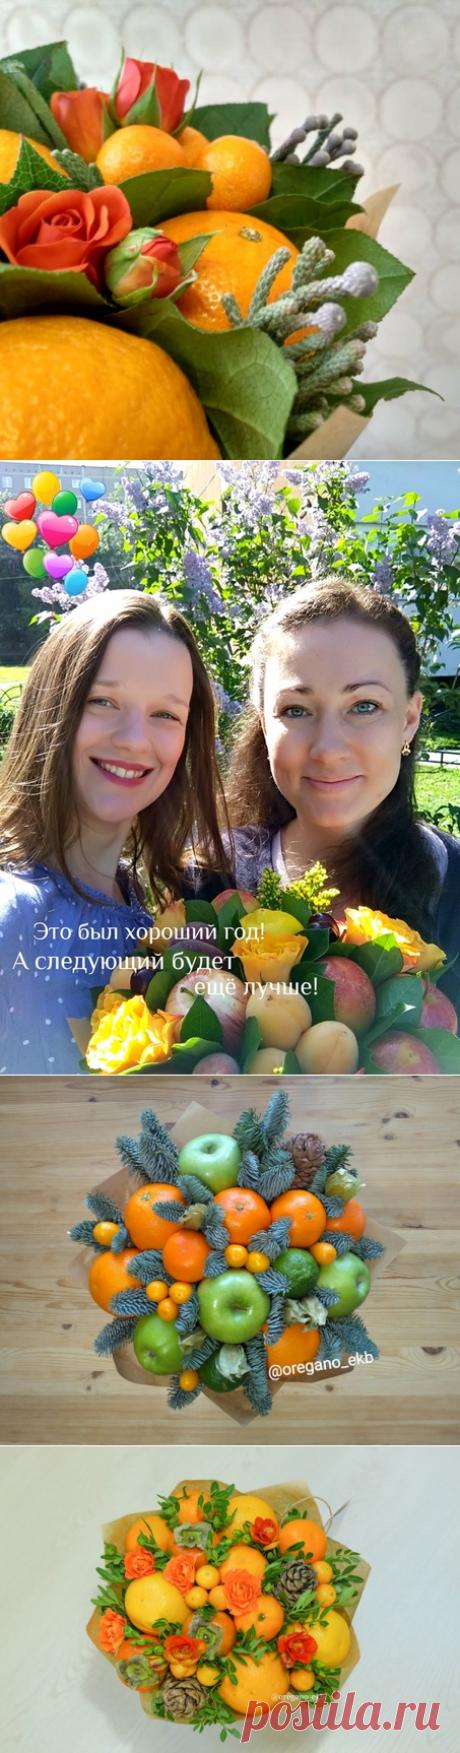 Орегано. Букеты из фруктов и овощей Екатеринбург